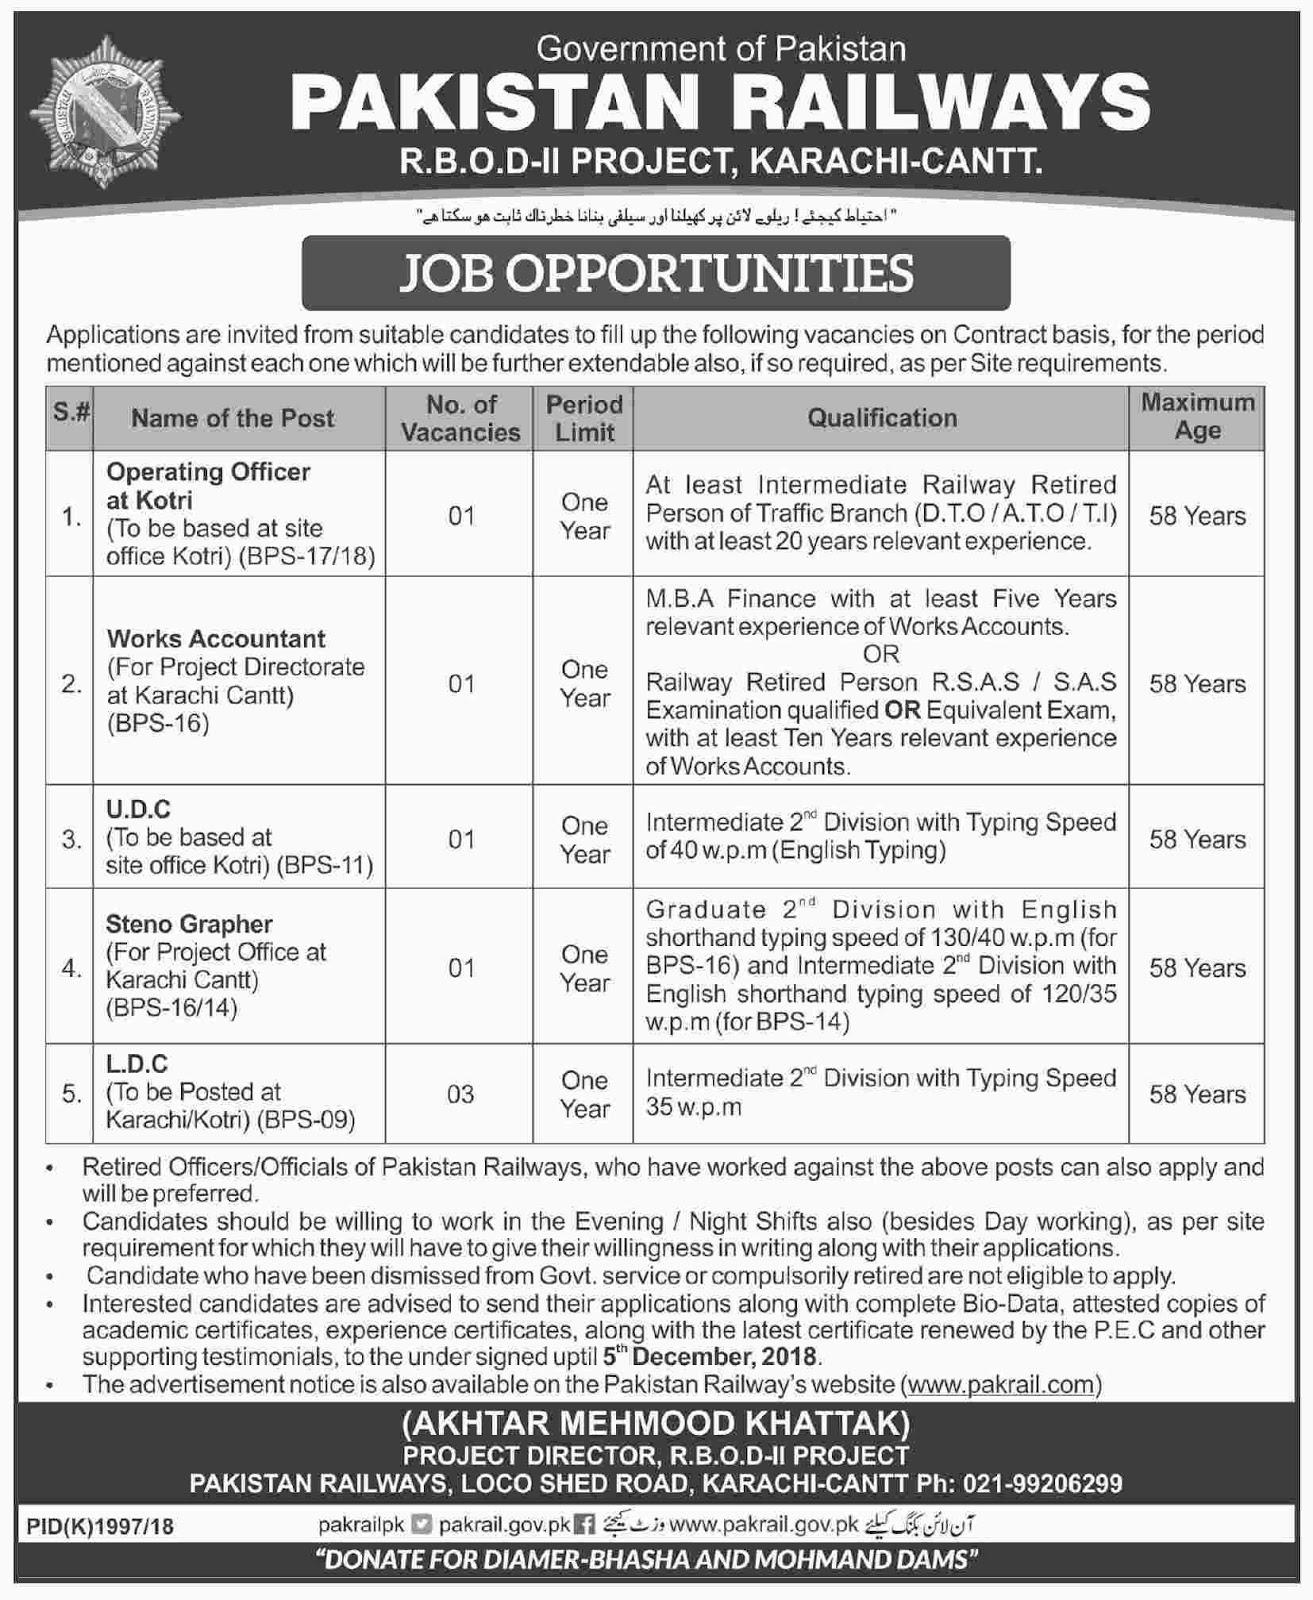 Pakistan Railways R.B.O.D-II Project Karachi Cantt Latest Jobs